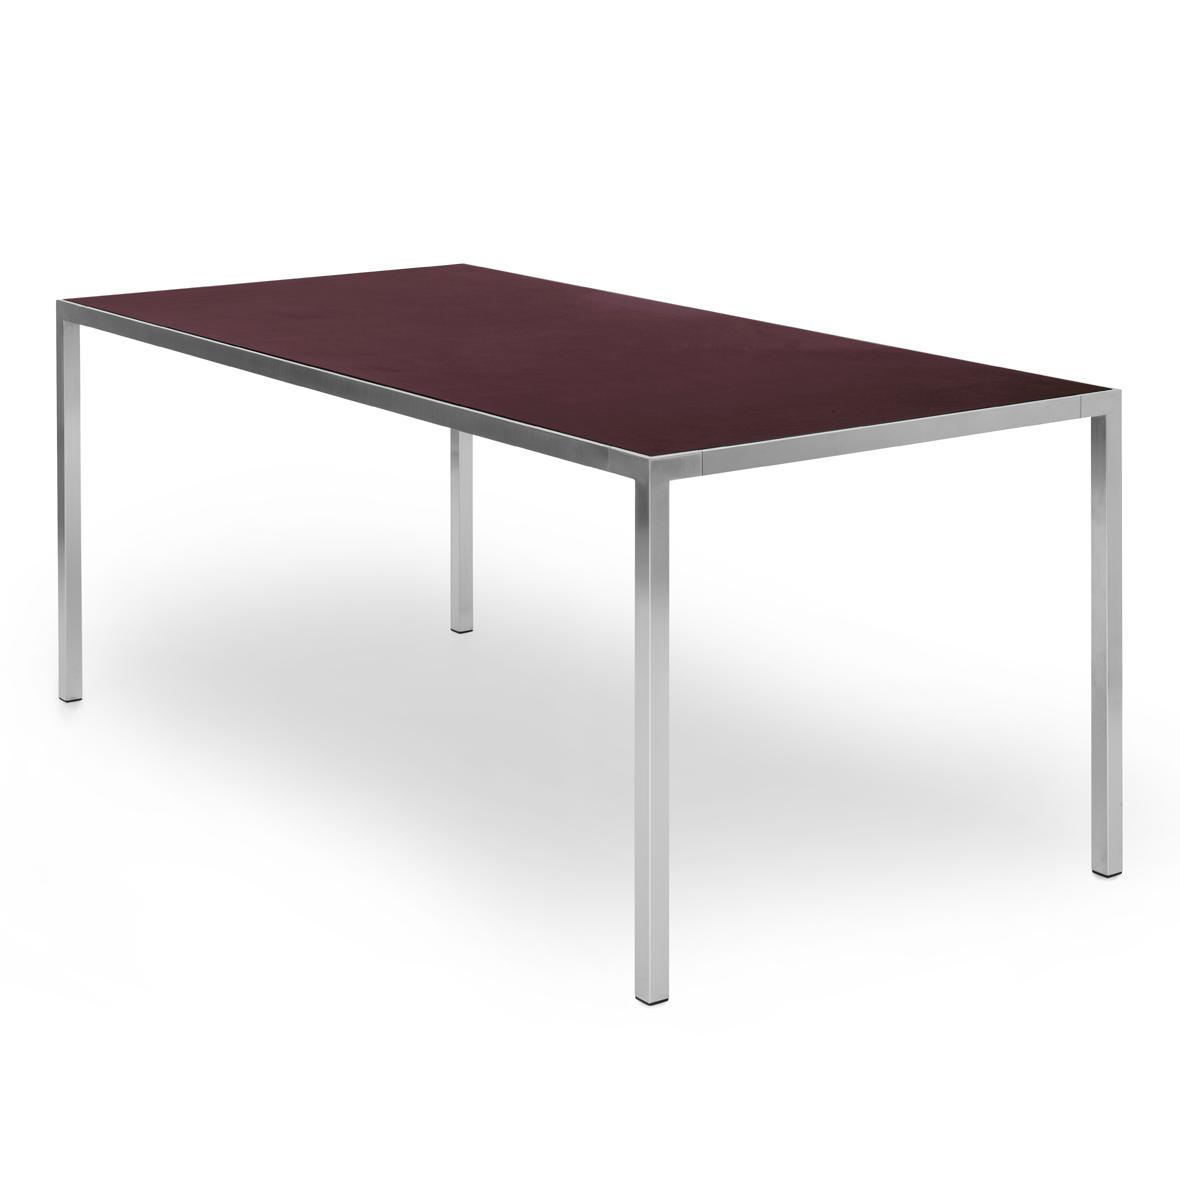 mf tisch von mf system, linol burgundy